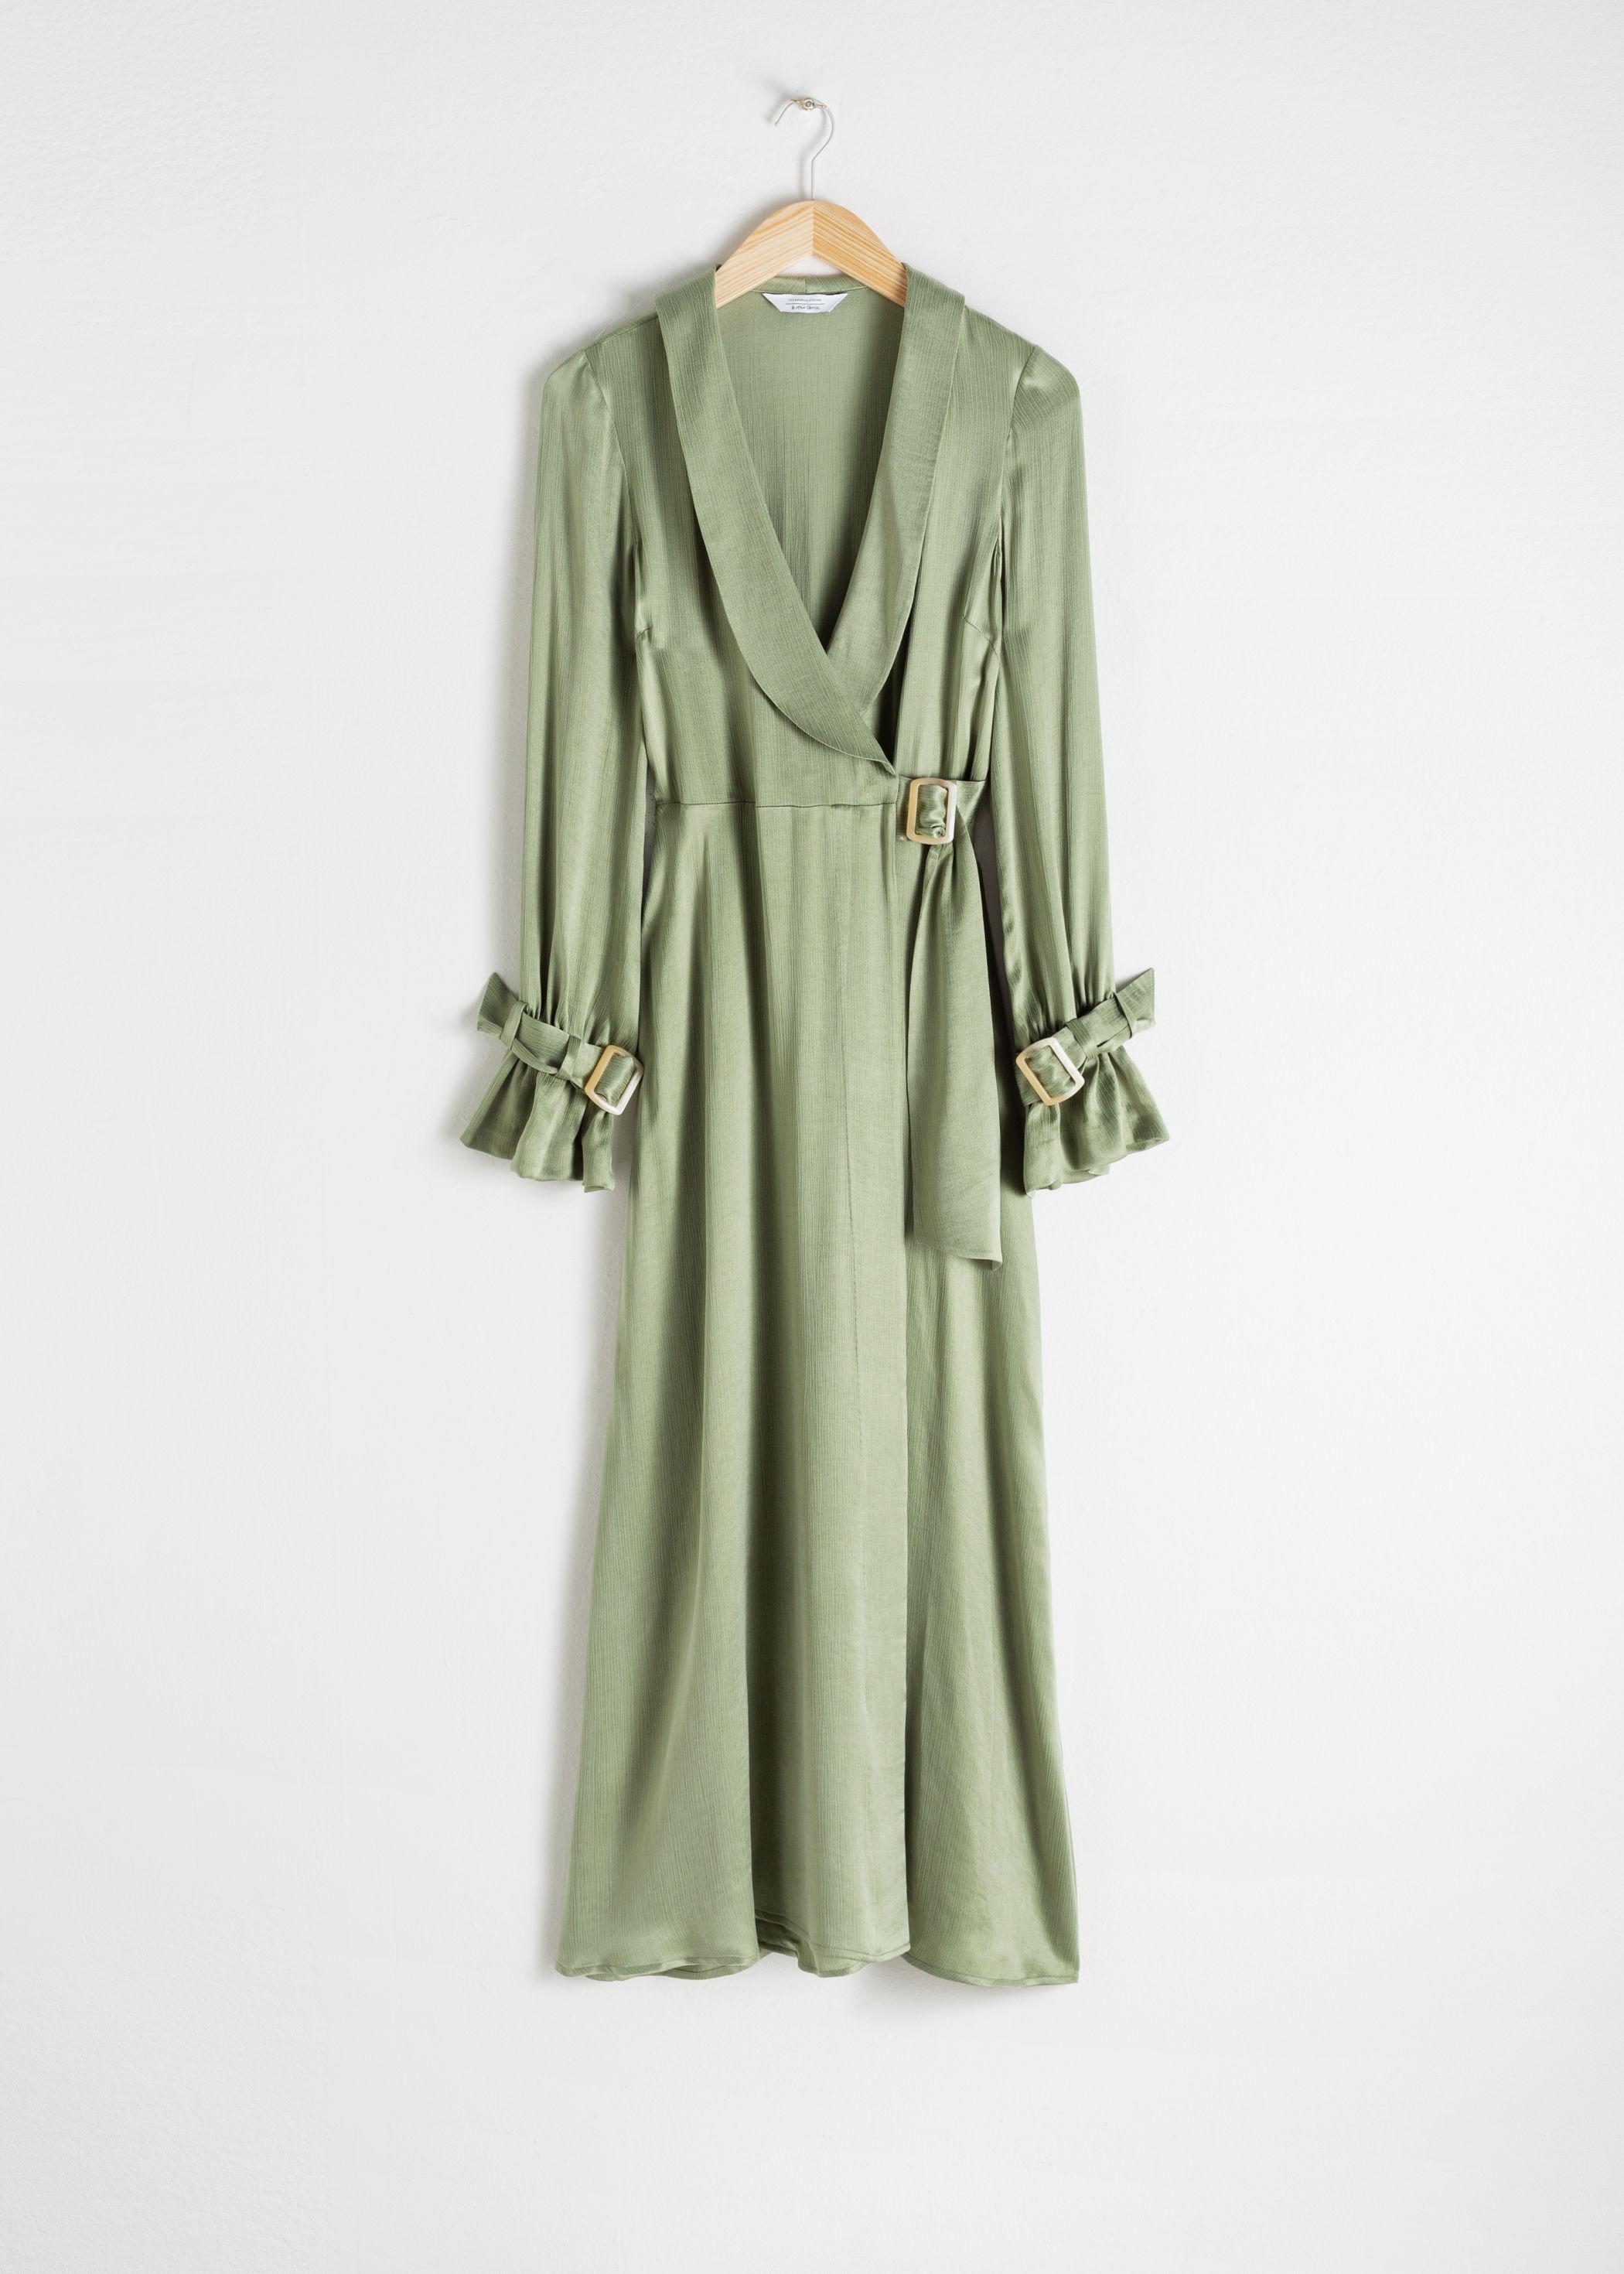 7f0ec18cdb52 21 grader varmt, lätt bris och stjärnorna står verkligen i linje när du gör  dig i ordning. Du matchar den här PERFEKT ljusgröna klänning från ...